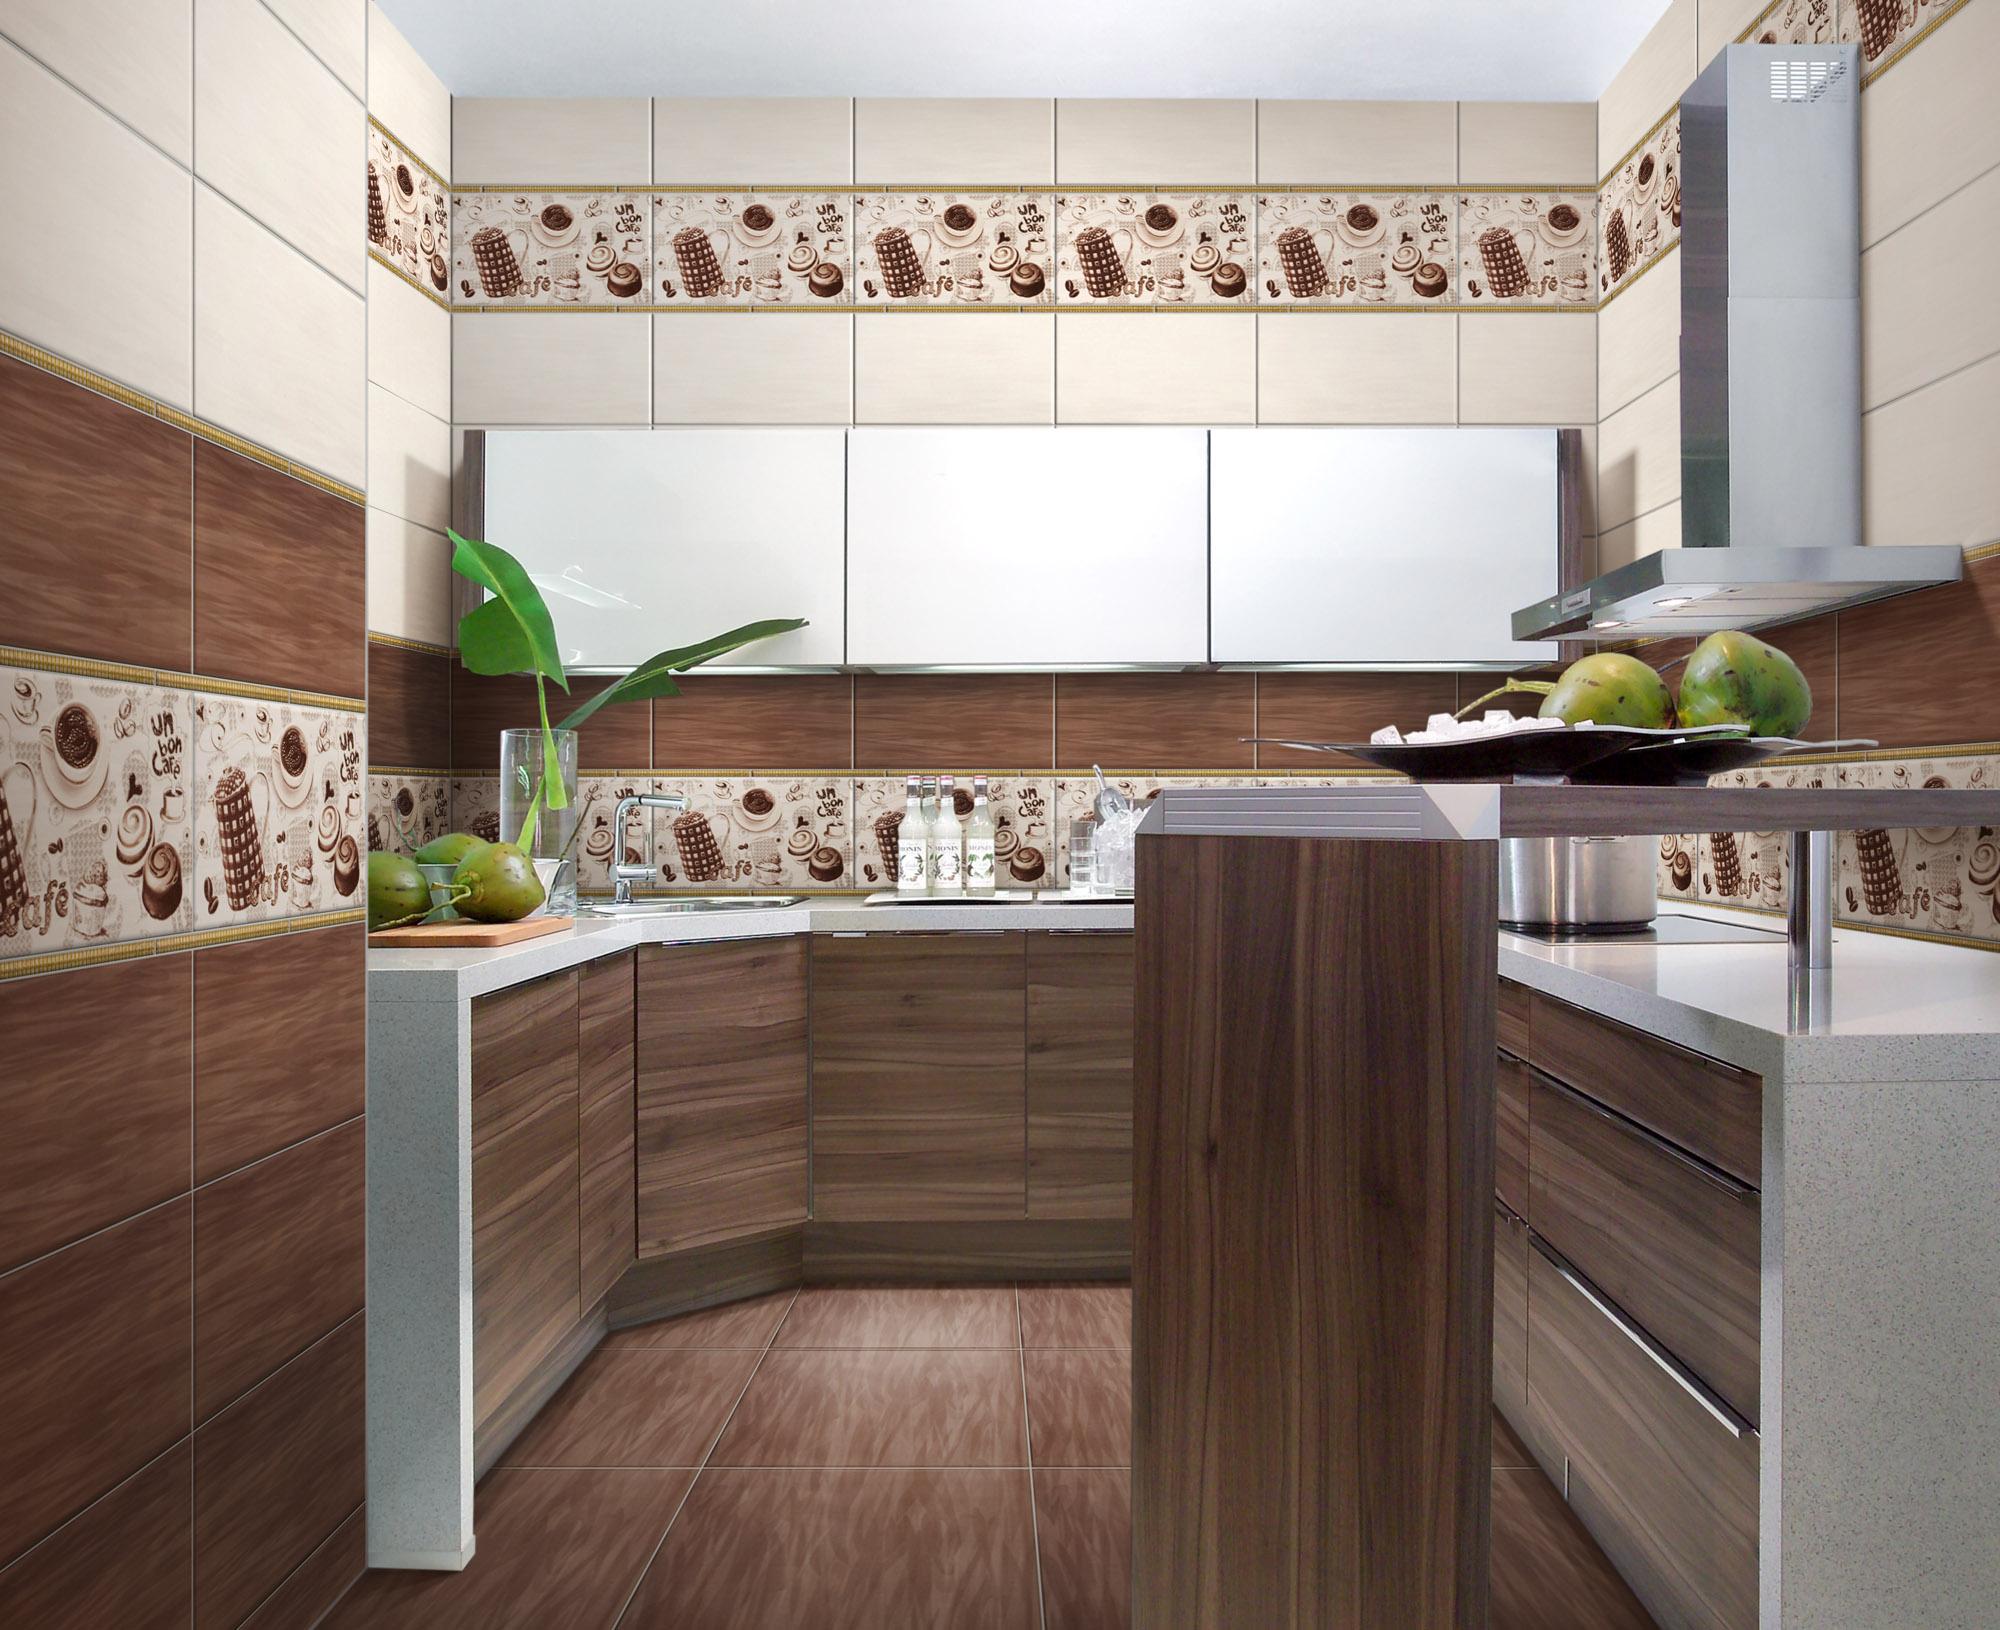 Бежево-коричневая настенная плитка на кухне